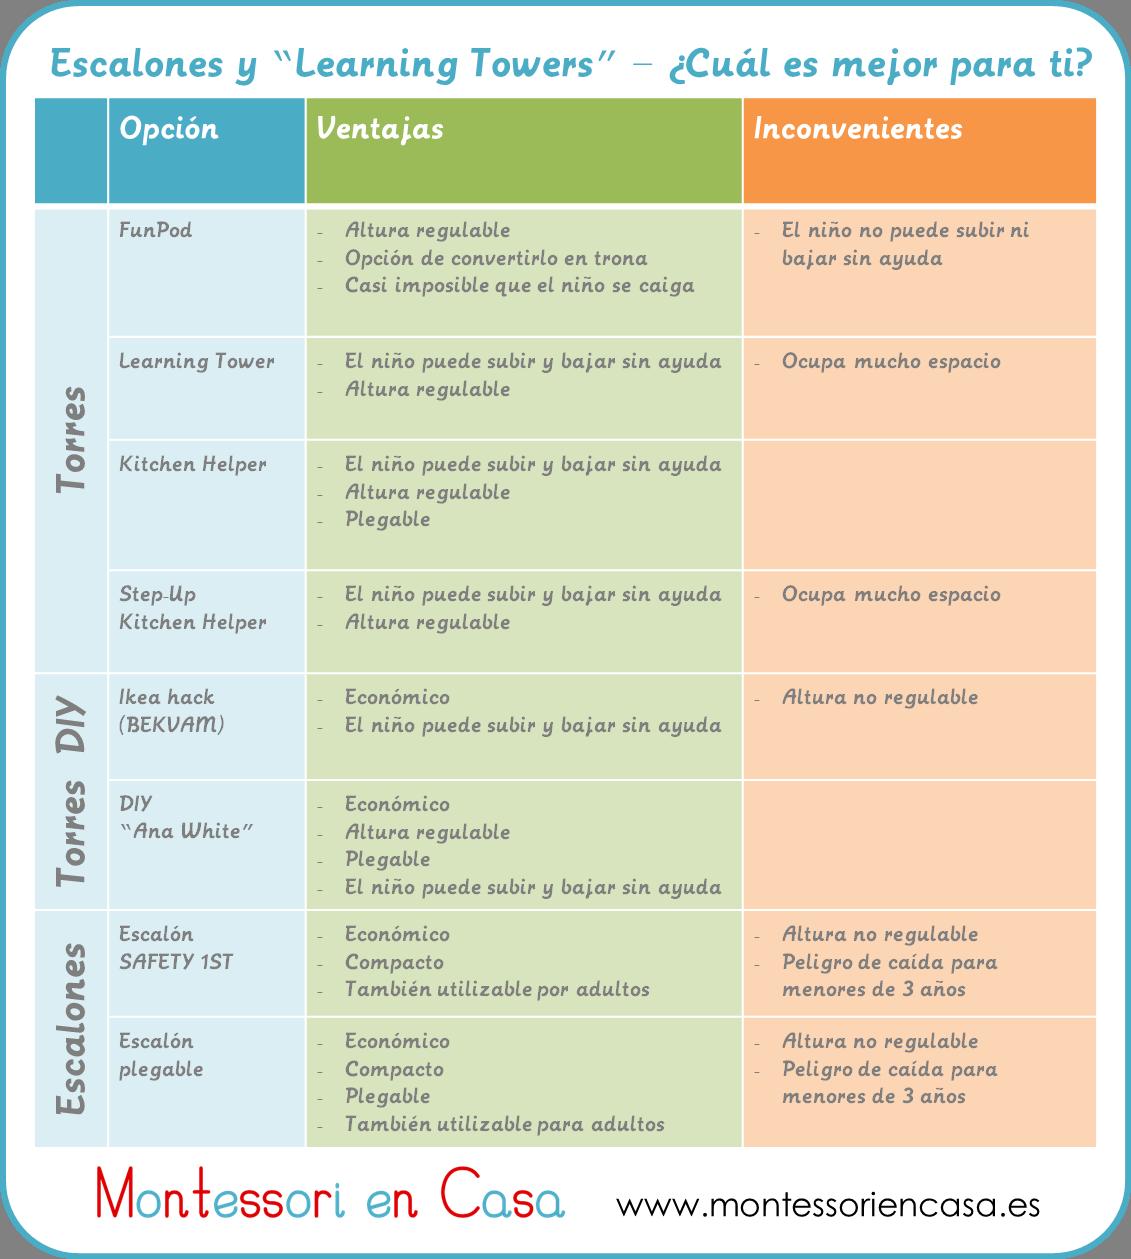 Comparativa escalones y torres de apendizaje stool and learning towers comparison montessori - Microcemento pros y contras ...